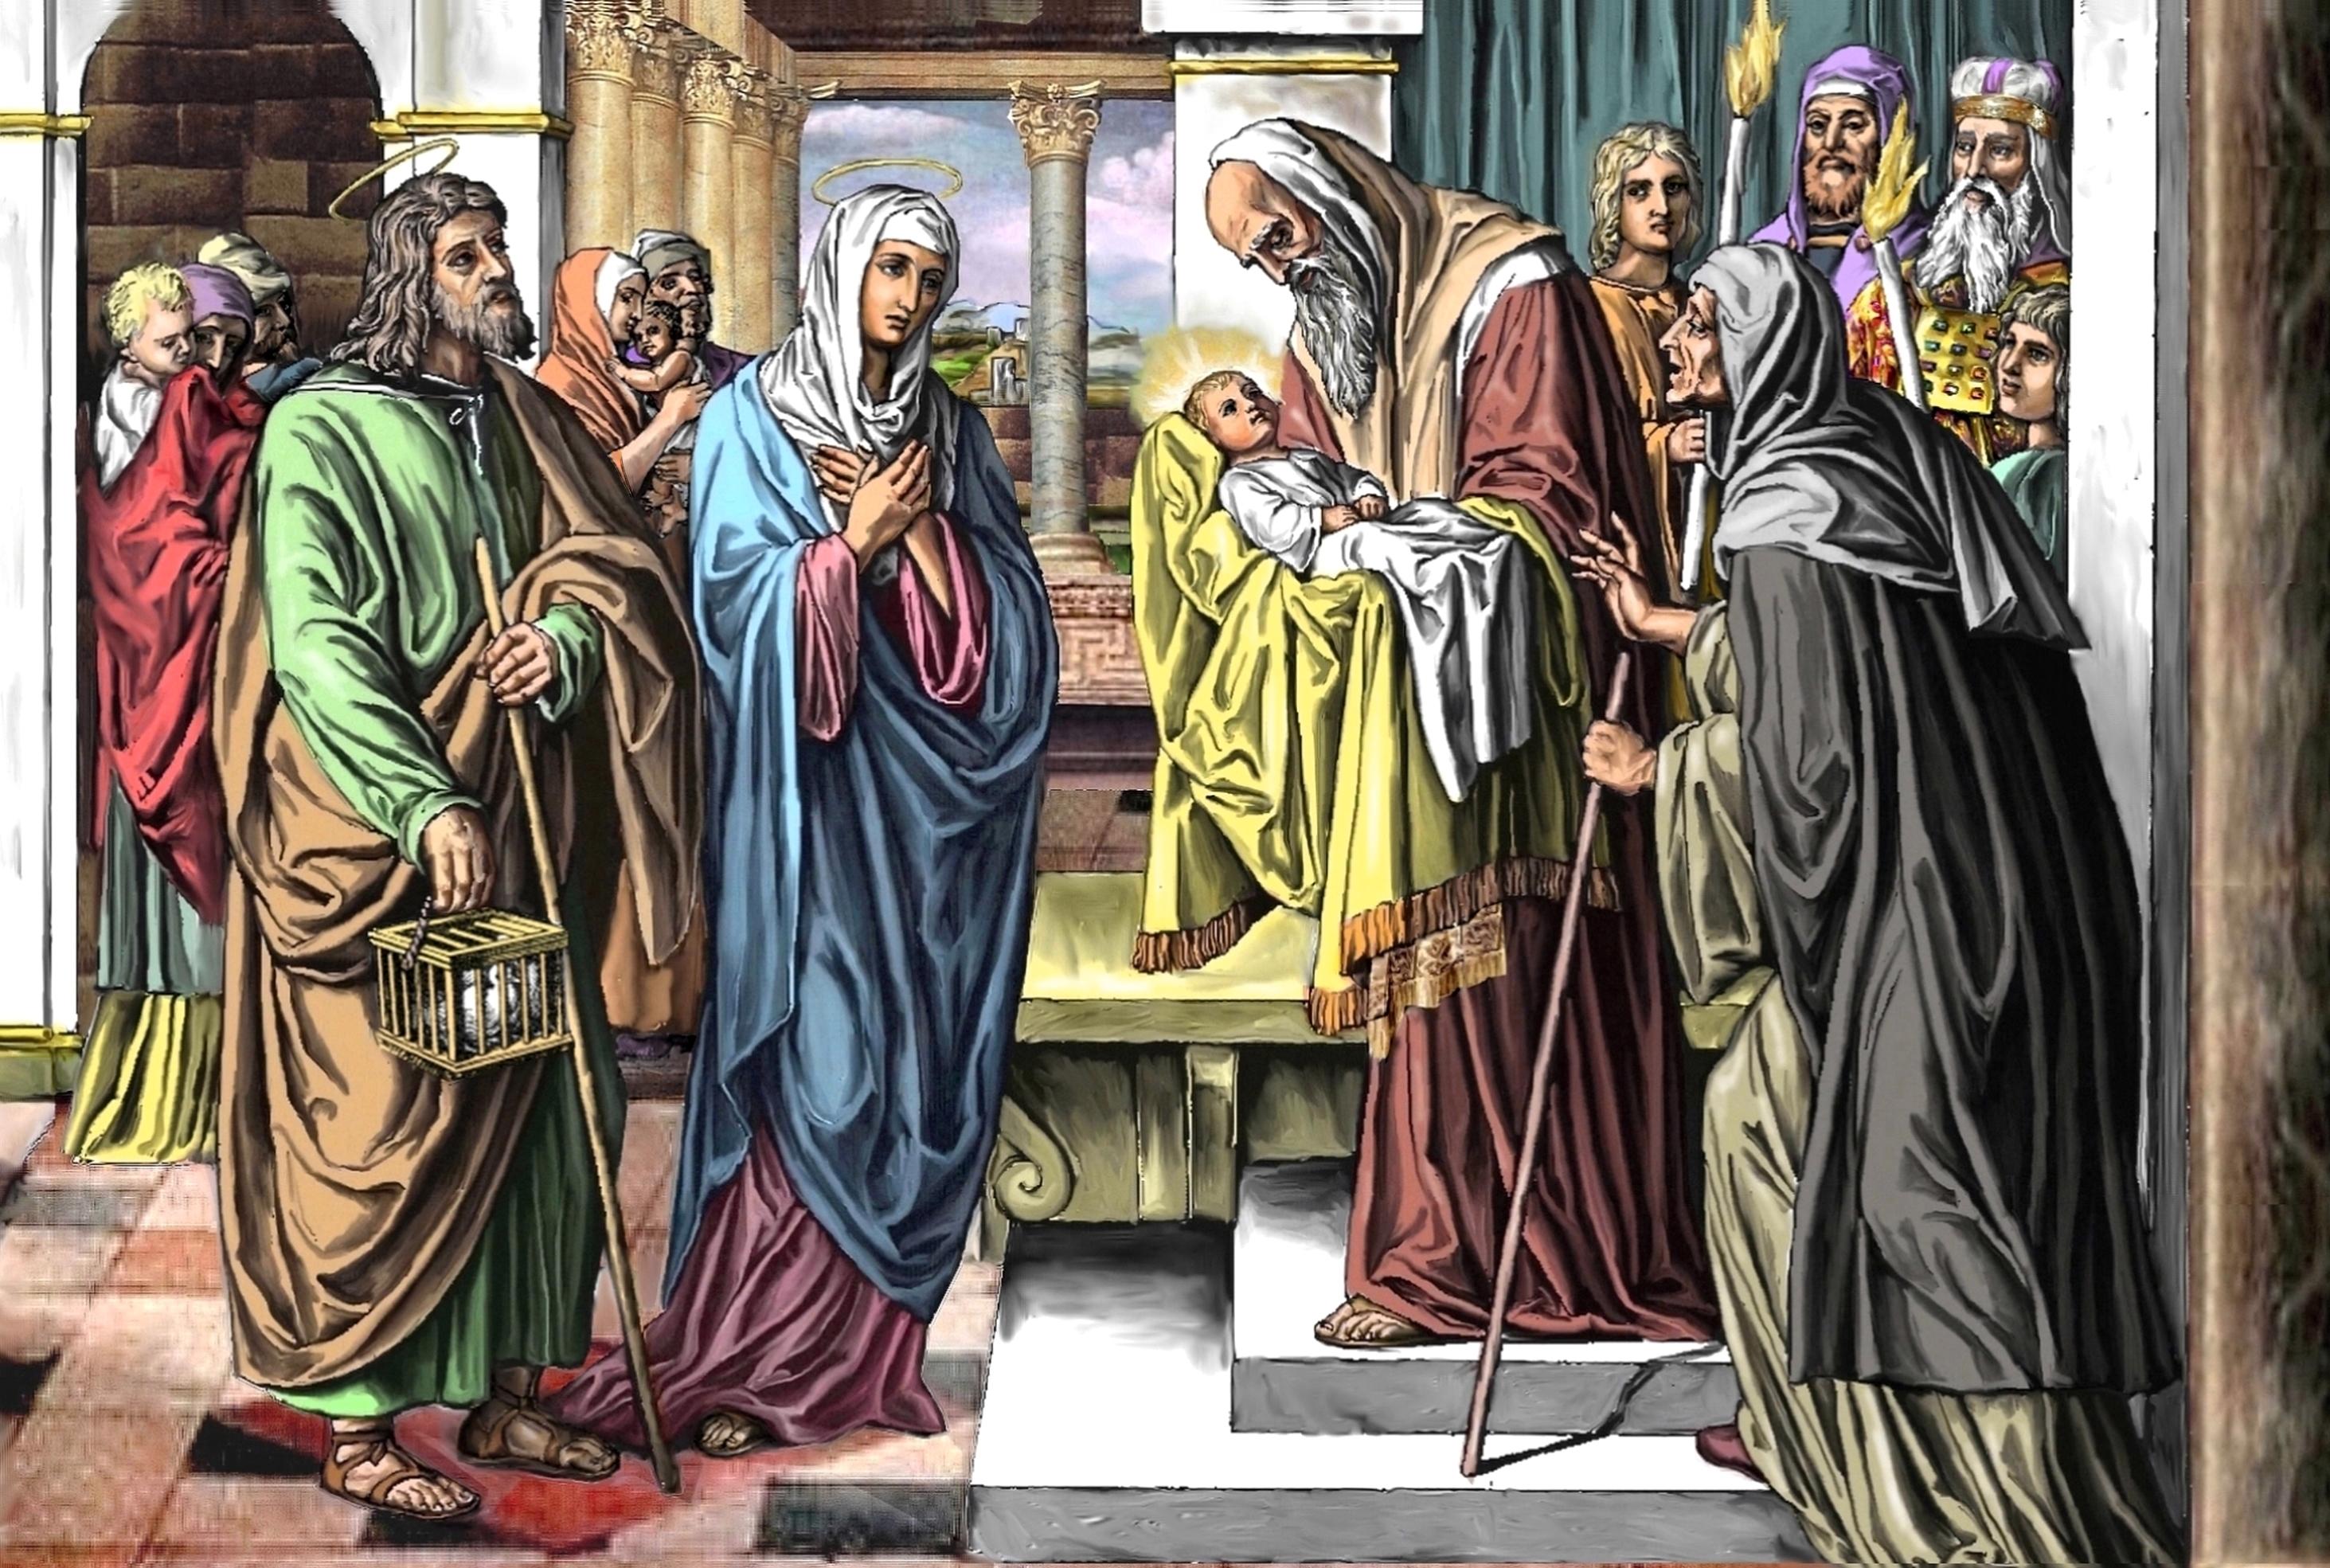 POURQUOI je t'AIME, ô MARIE ! - Page 2 La-pr-sentation-d...u-temple-55b3e67